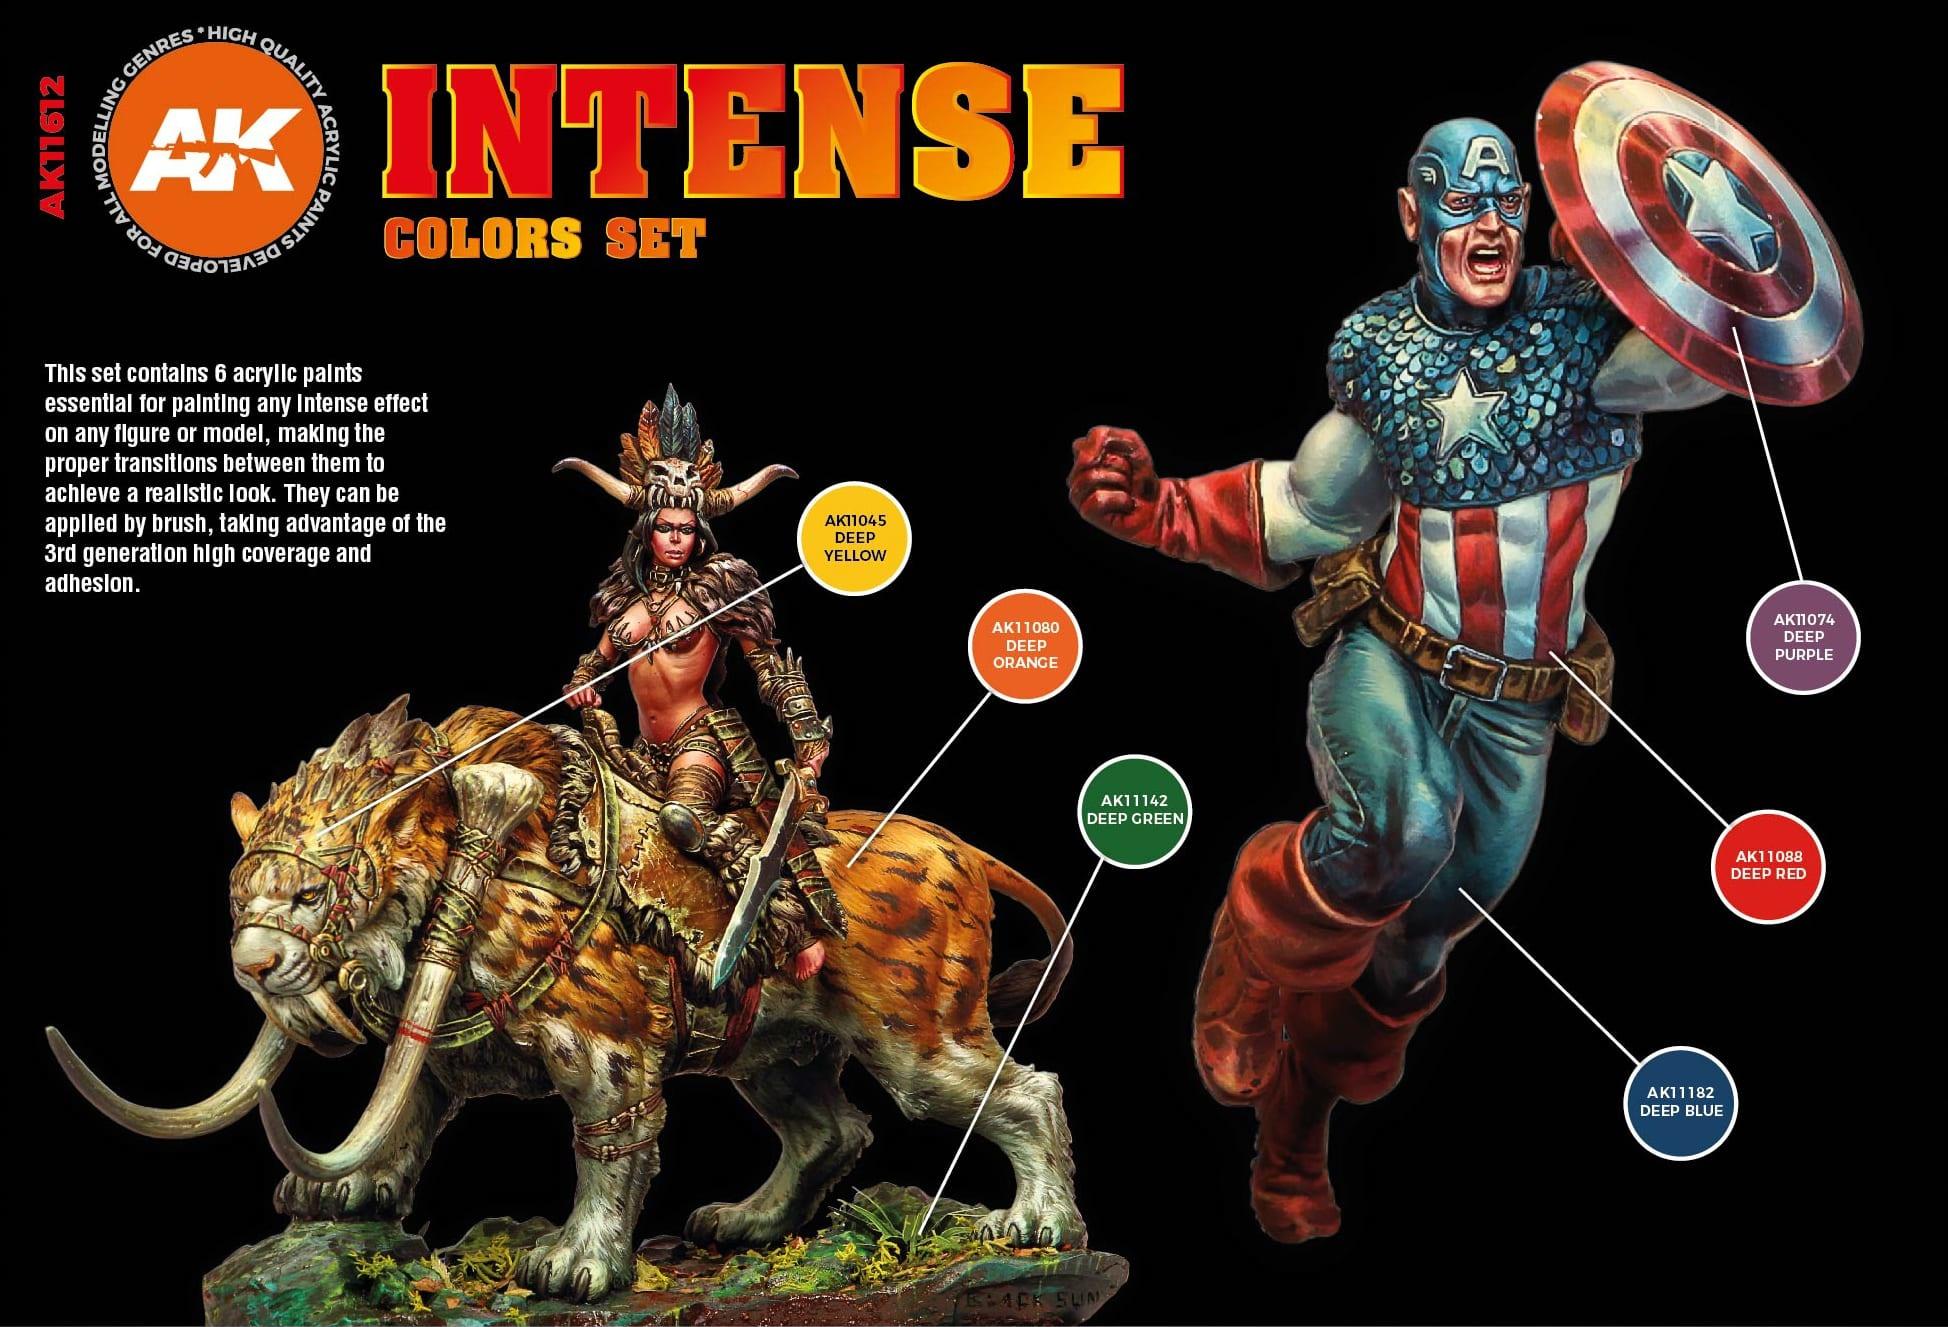 AK-Interactive Intense Colors Set - AK-Interactive - AK-11612